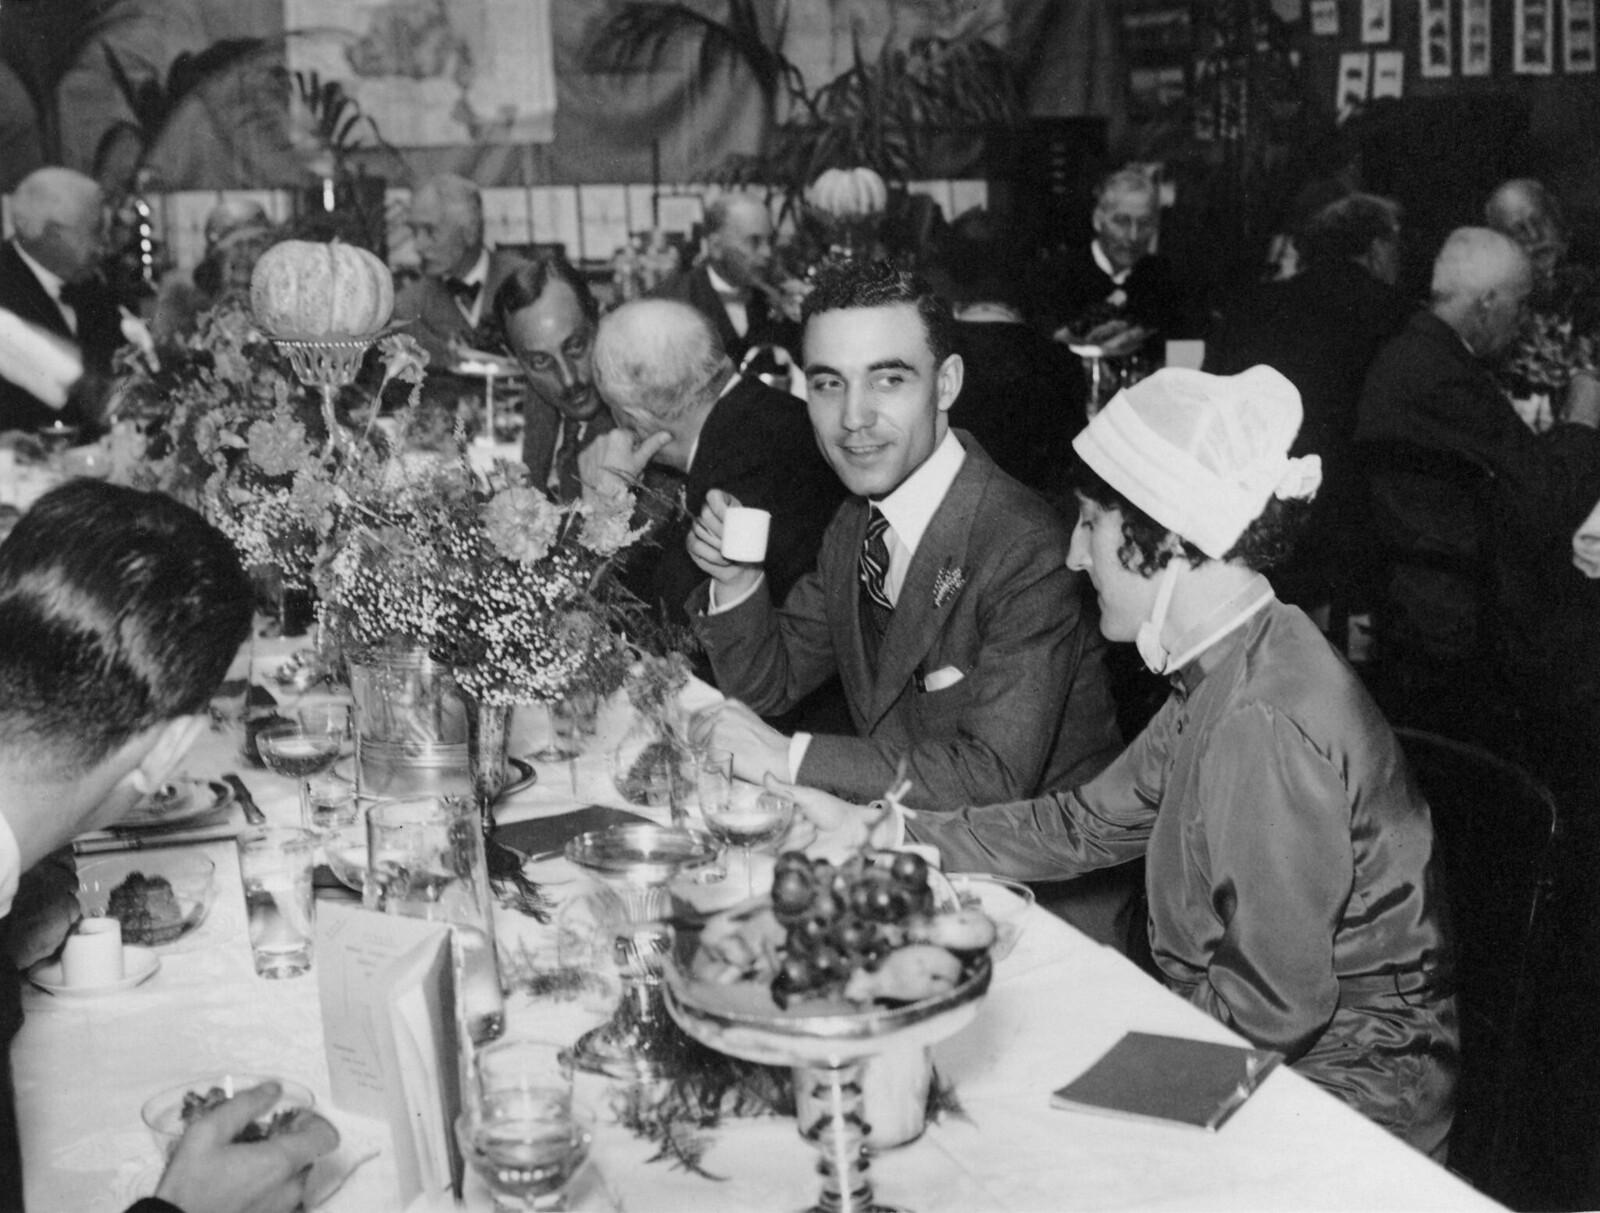 1931. Гости на обеде в честь Дня комаров, устроенного Рональдом Россом в Институте и больнице тропических болезней Росса, Патни, Лондон. 20 августа